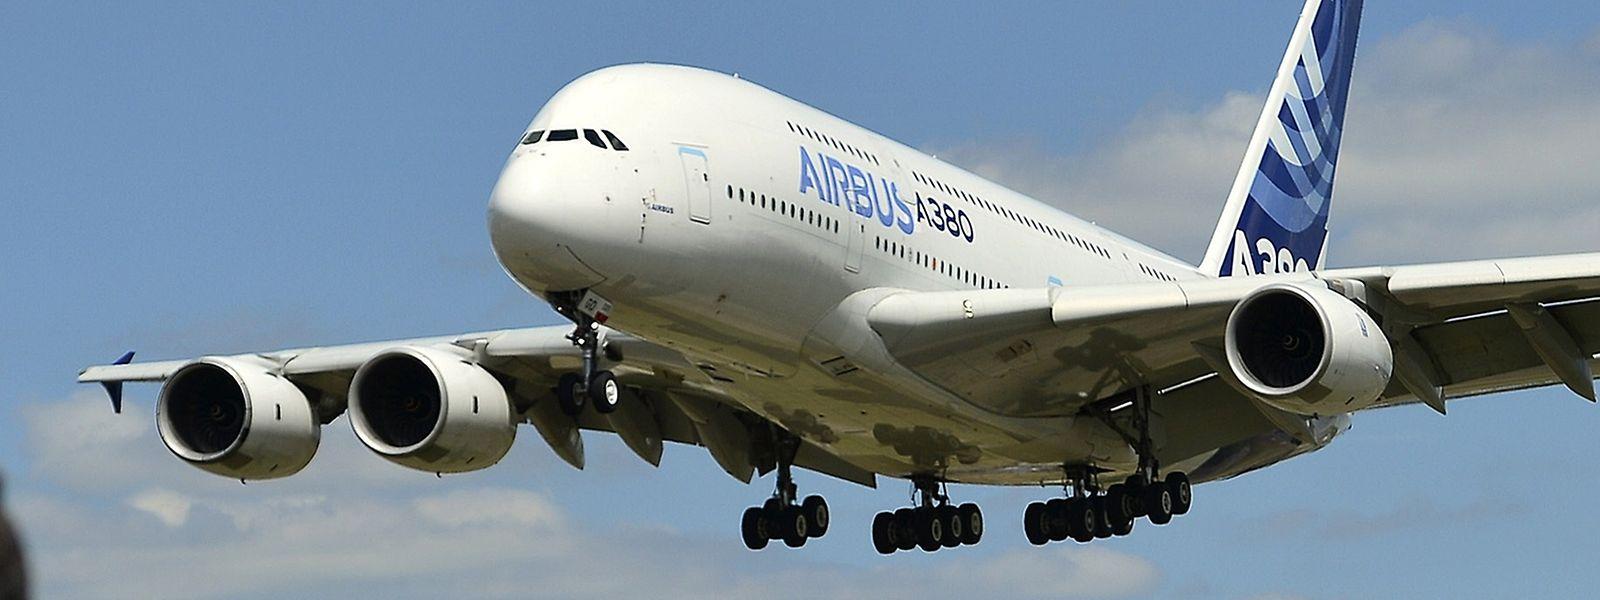 Die Zukunft des größten Passagierjets der Welt ist ungewiss.